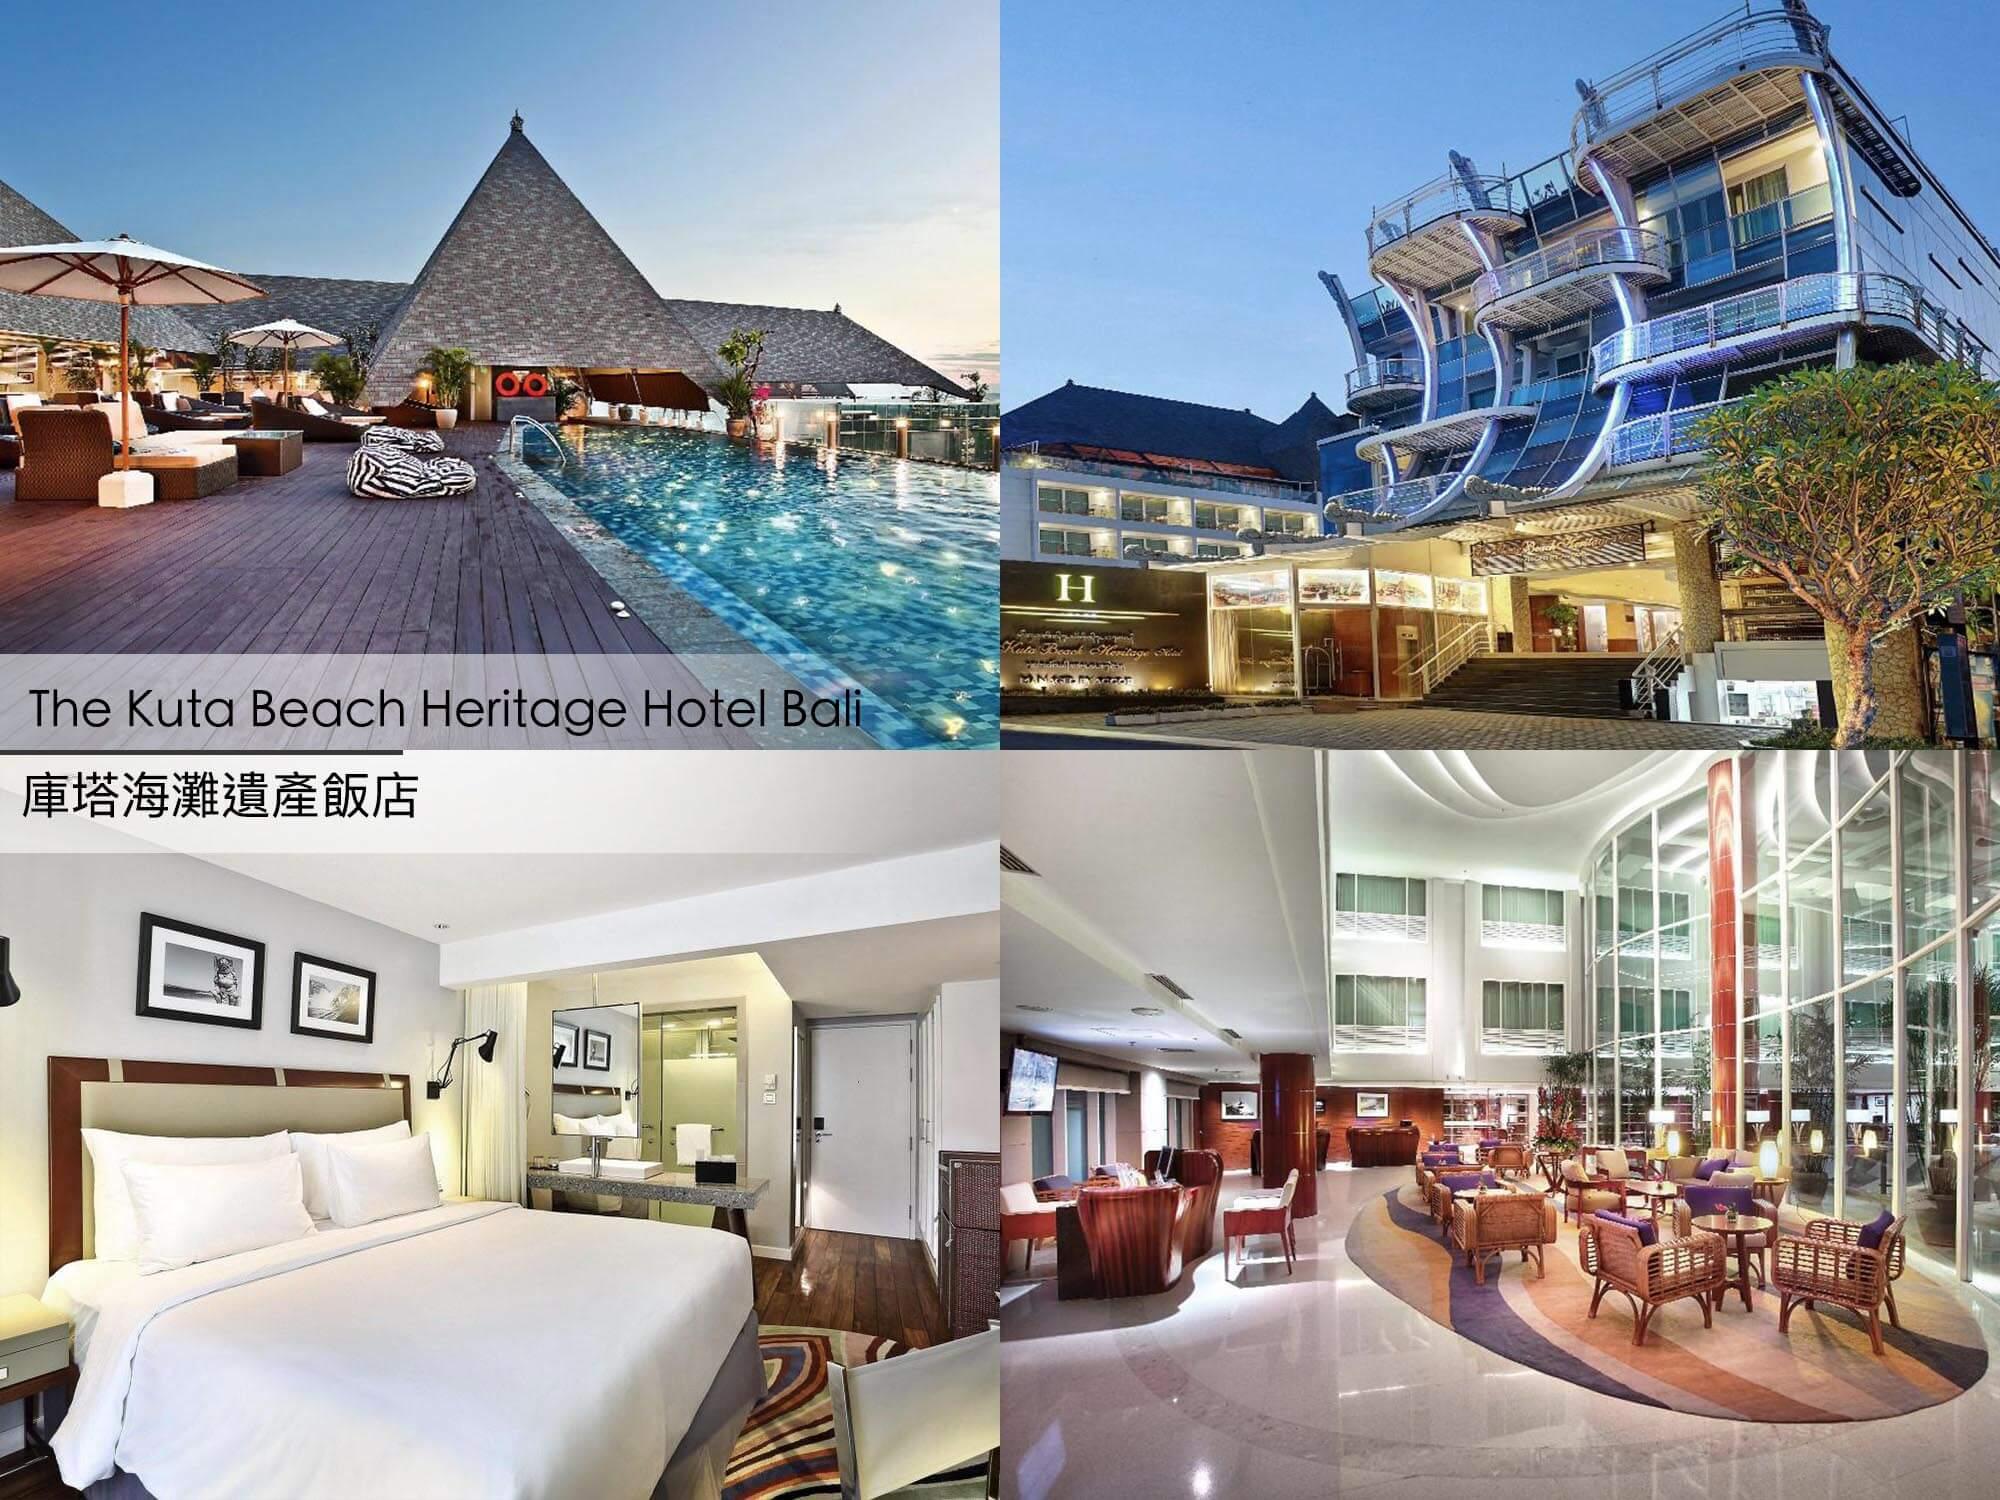 The Kuta Beach Heritage Hotel Bali - Managed by AccorHotels庫塔海灘遺產飯店